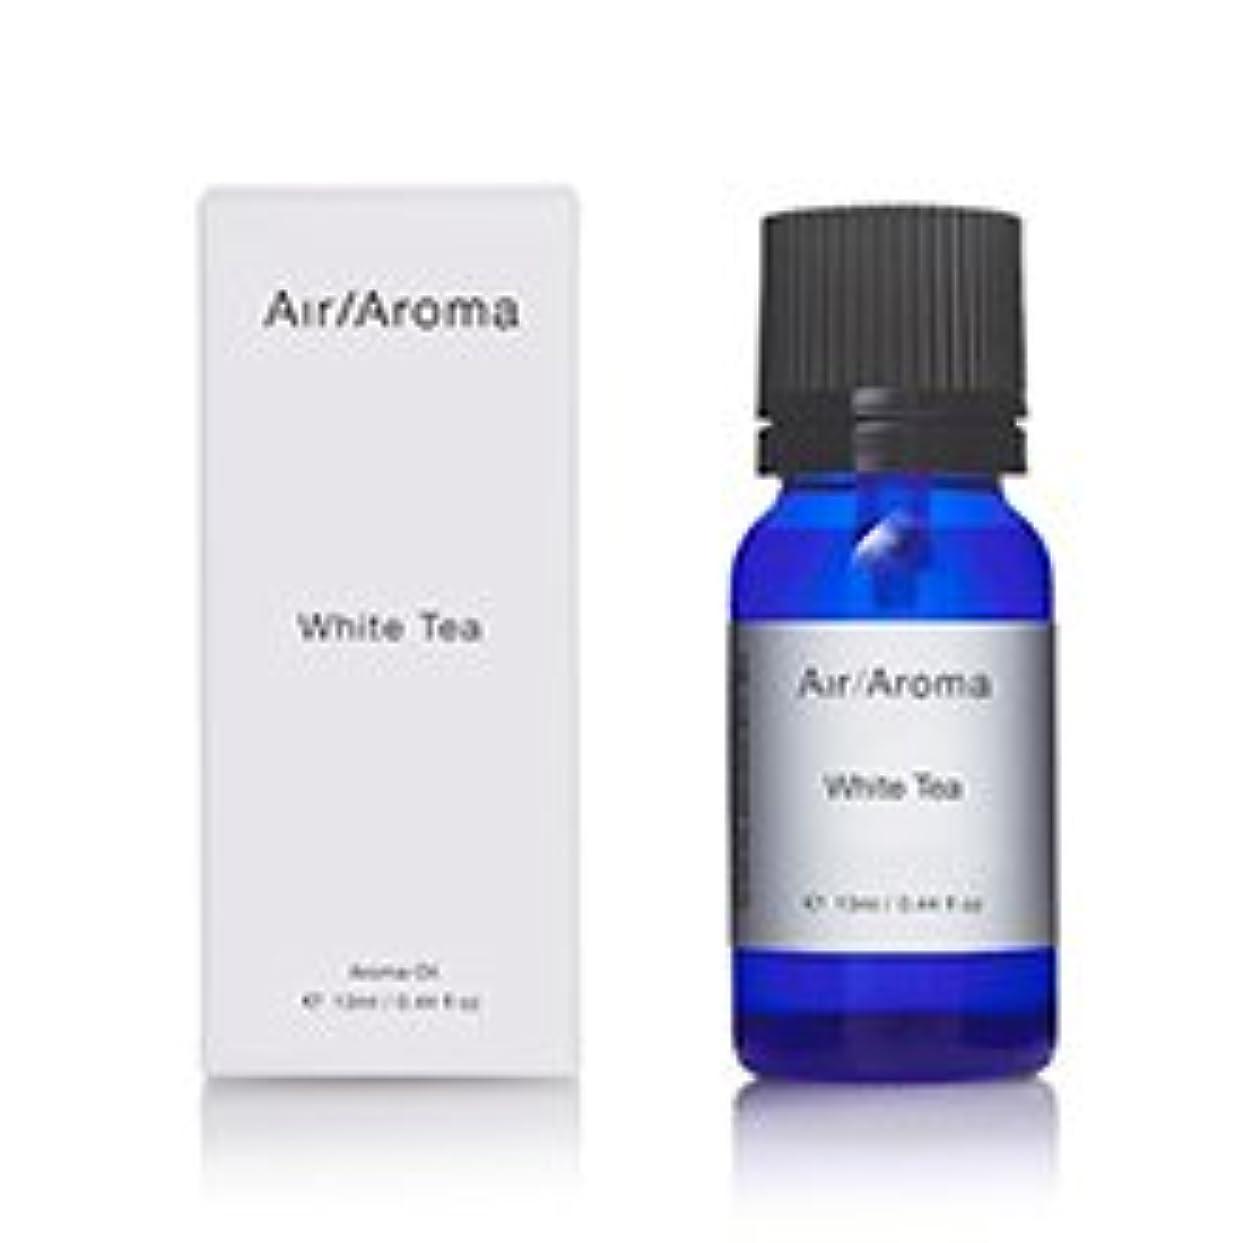 争うディレクターレタッチエアアロマ White Tea (ホワイトティー) 13ml